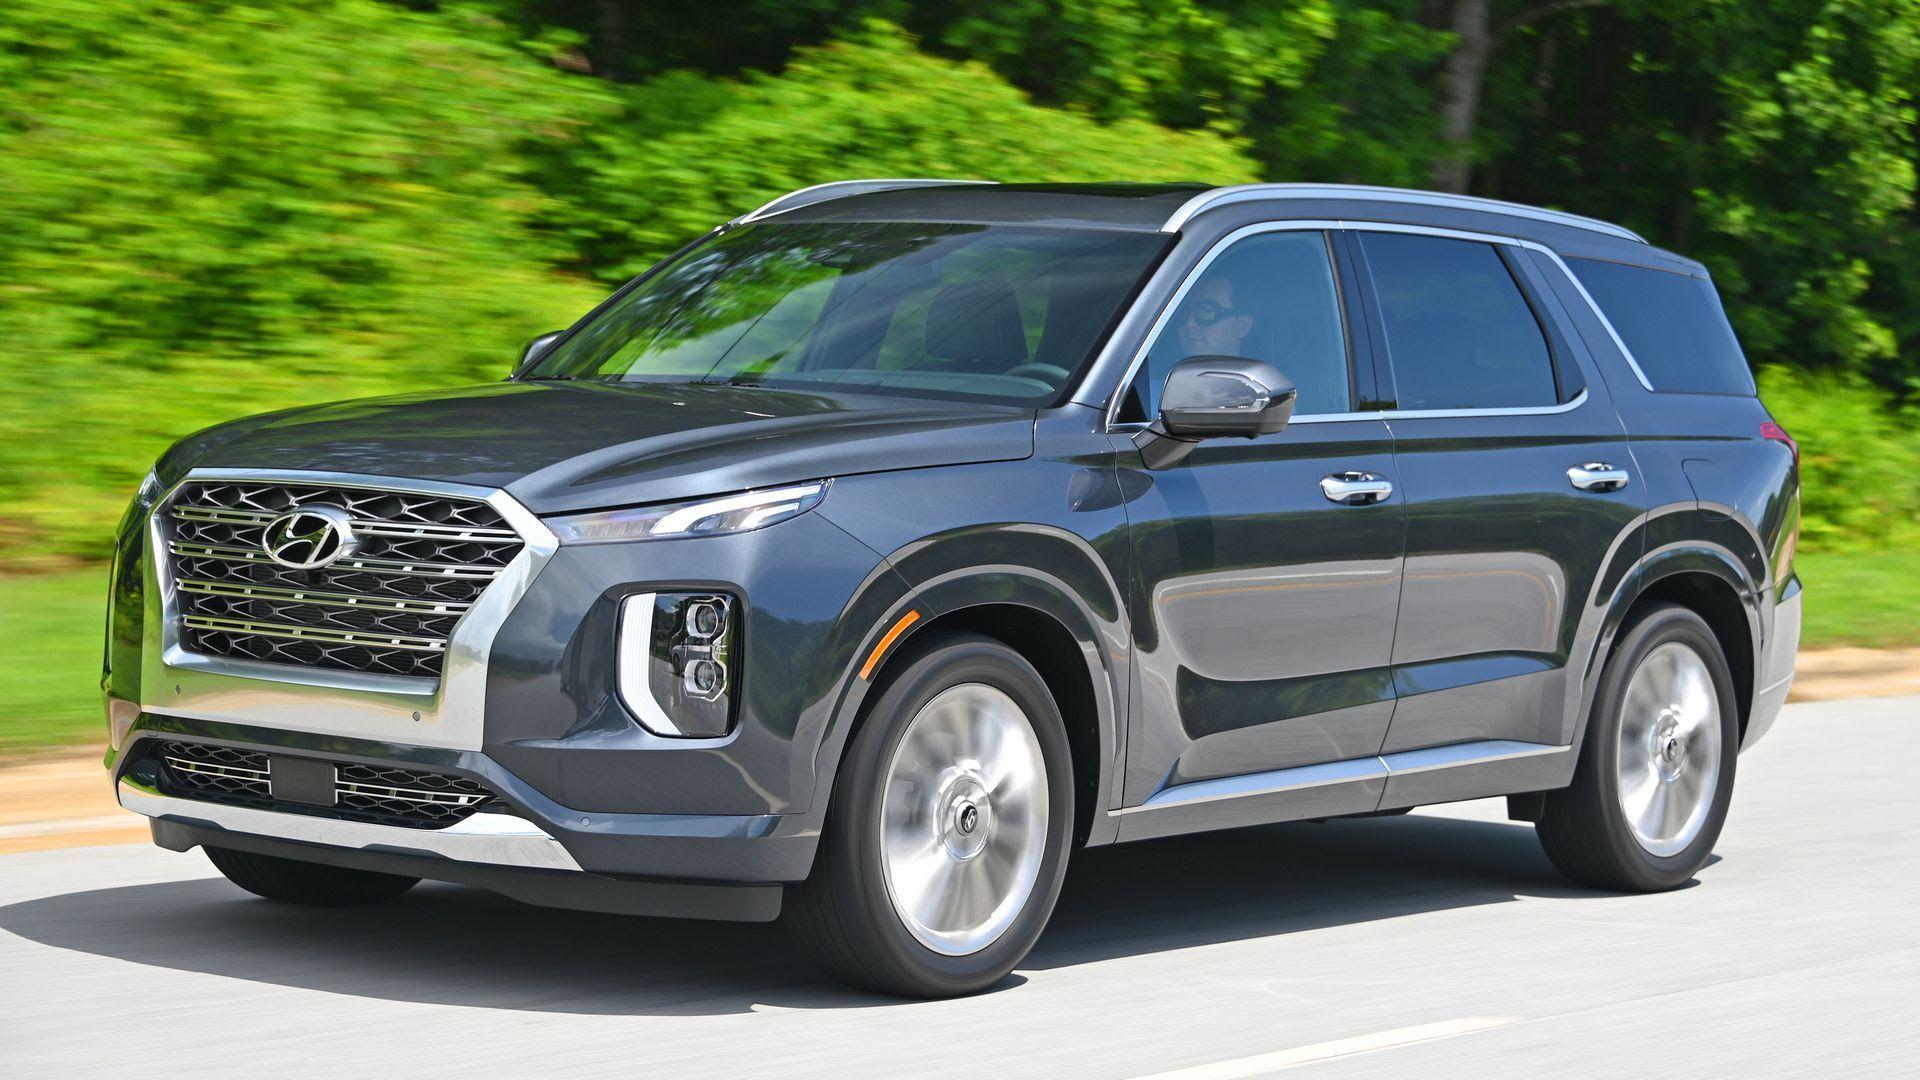 How Much Is The 2020 Hyundai Palisade New Release Hyundai Upcoming Cars Palisades